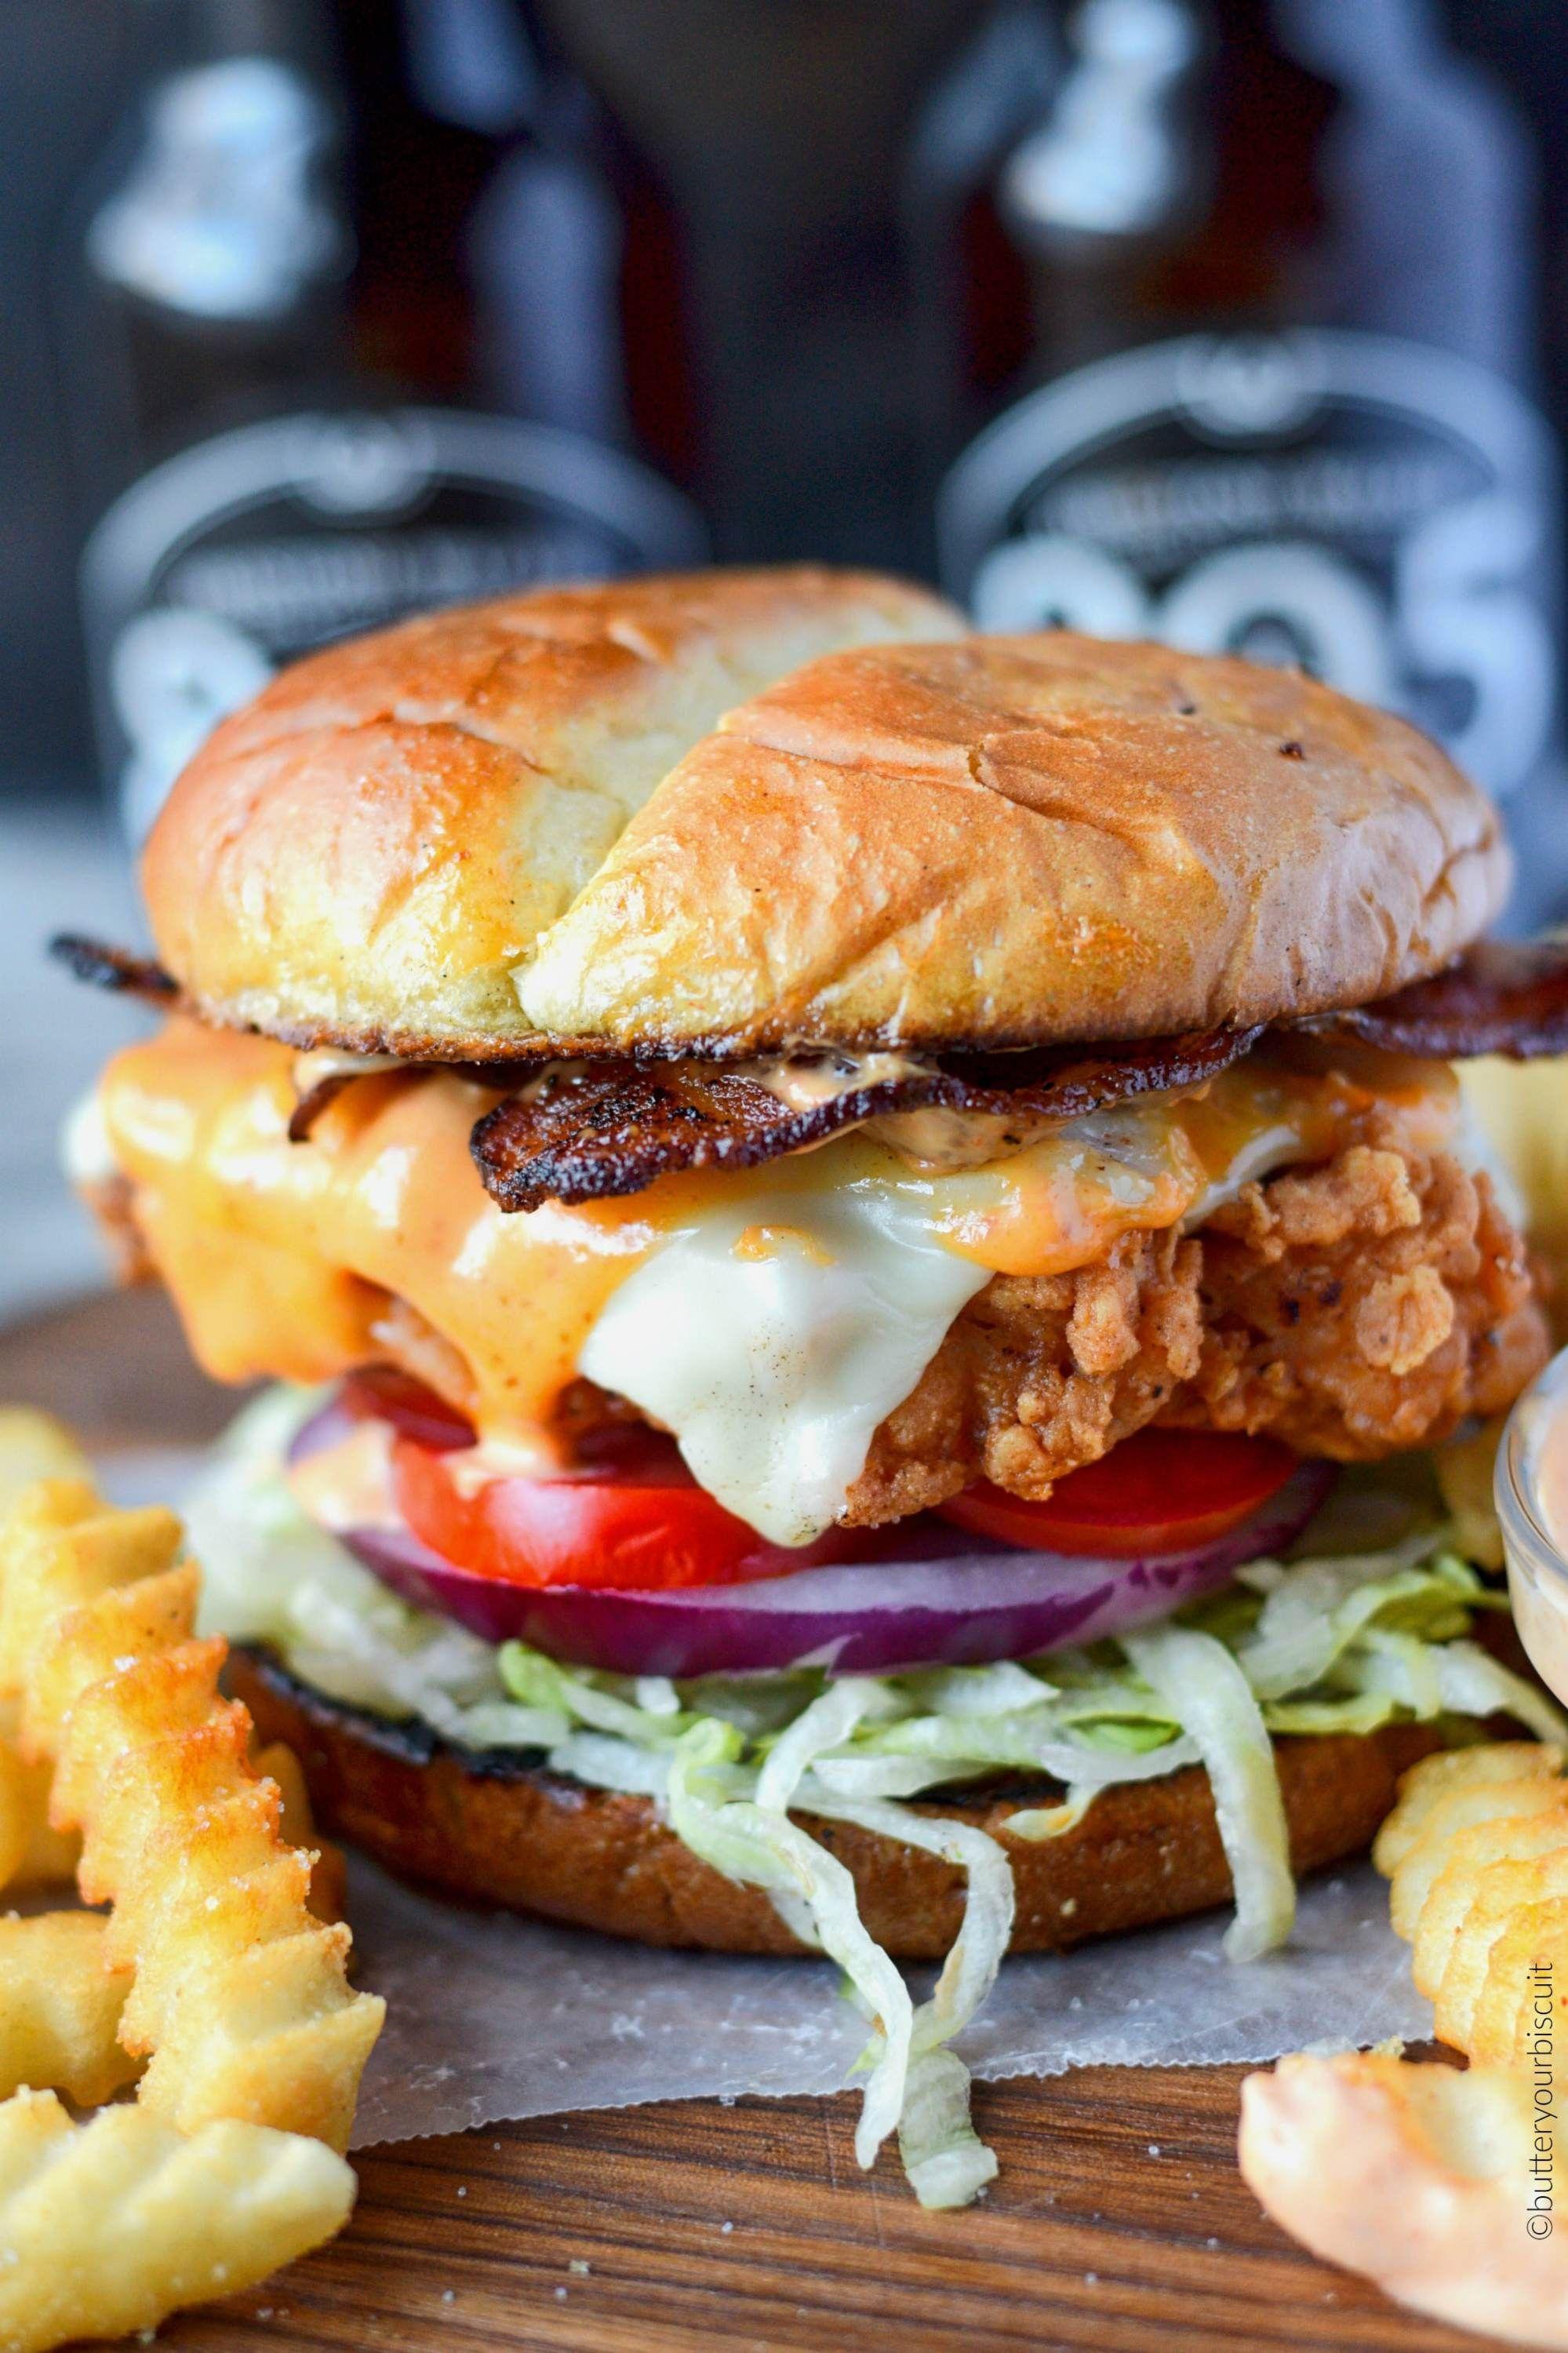 Spicy Buttermilk Crispy Chicken Sandwich Recipe Fried Chicken Sandwich Chicken Sandwich Recipes Chicken Sandwich